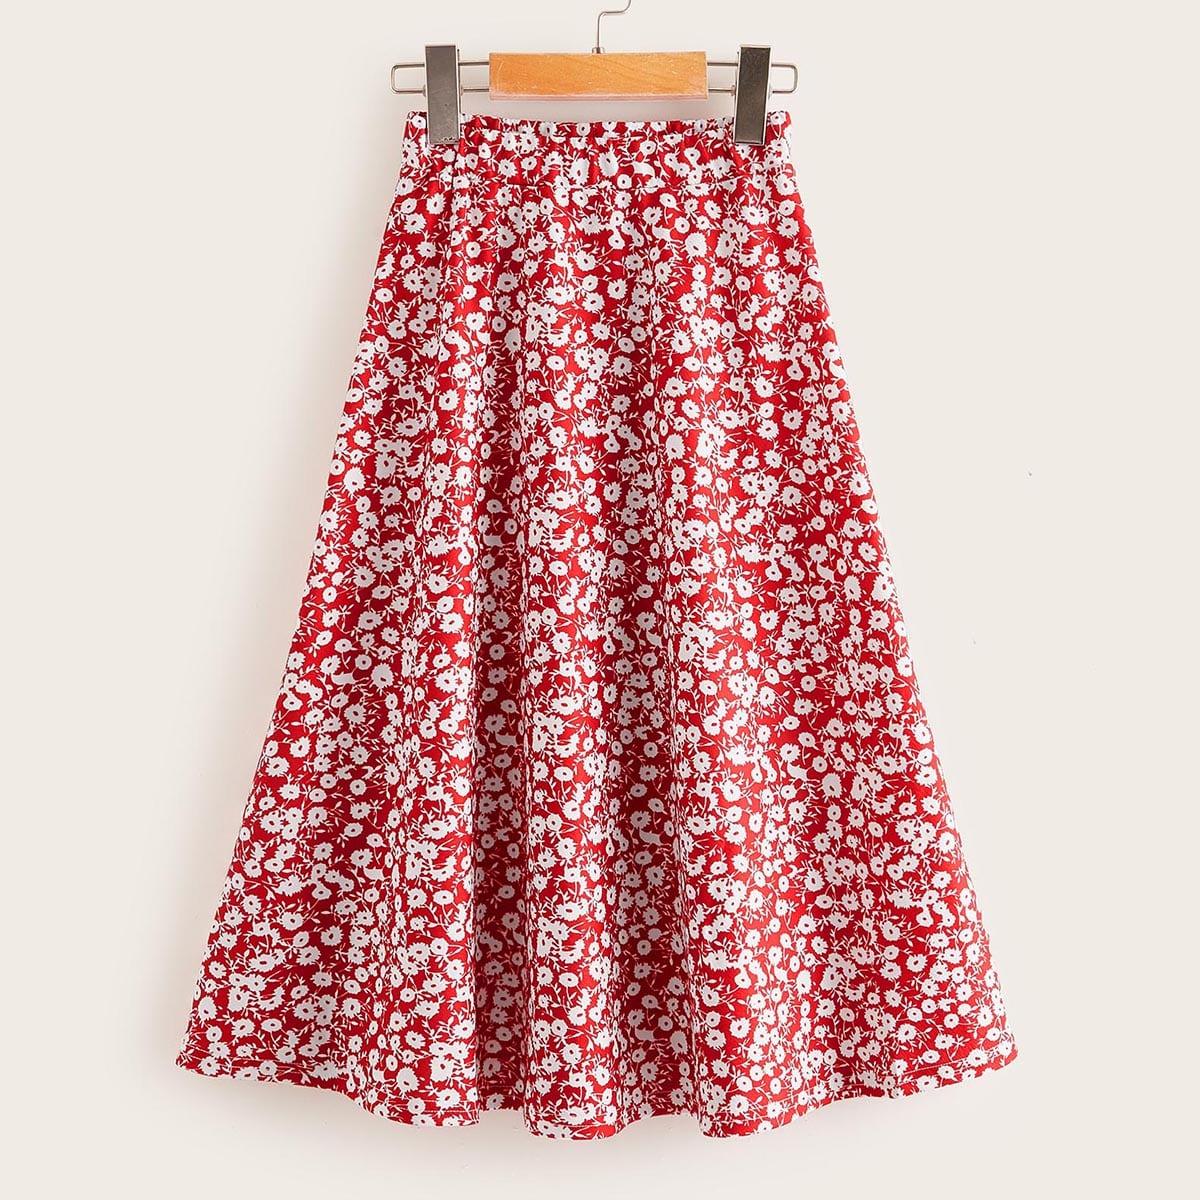 Юбка с цветочным принтом для девочек от SHEIN